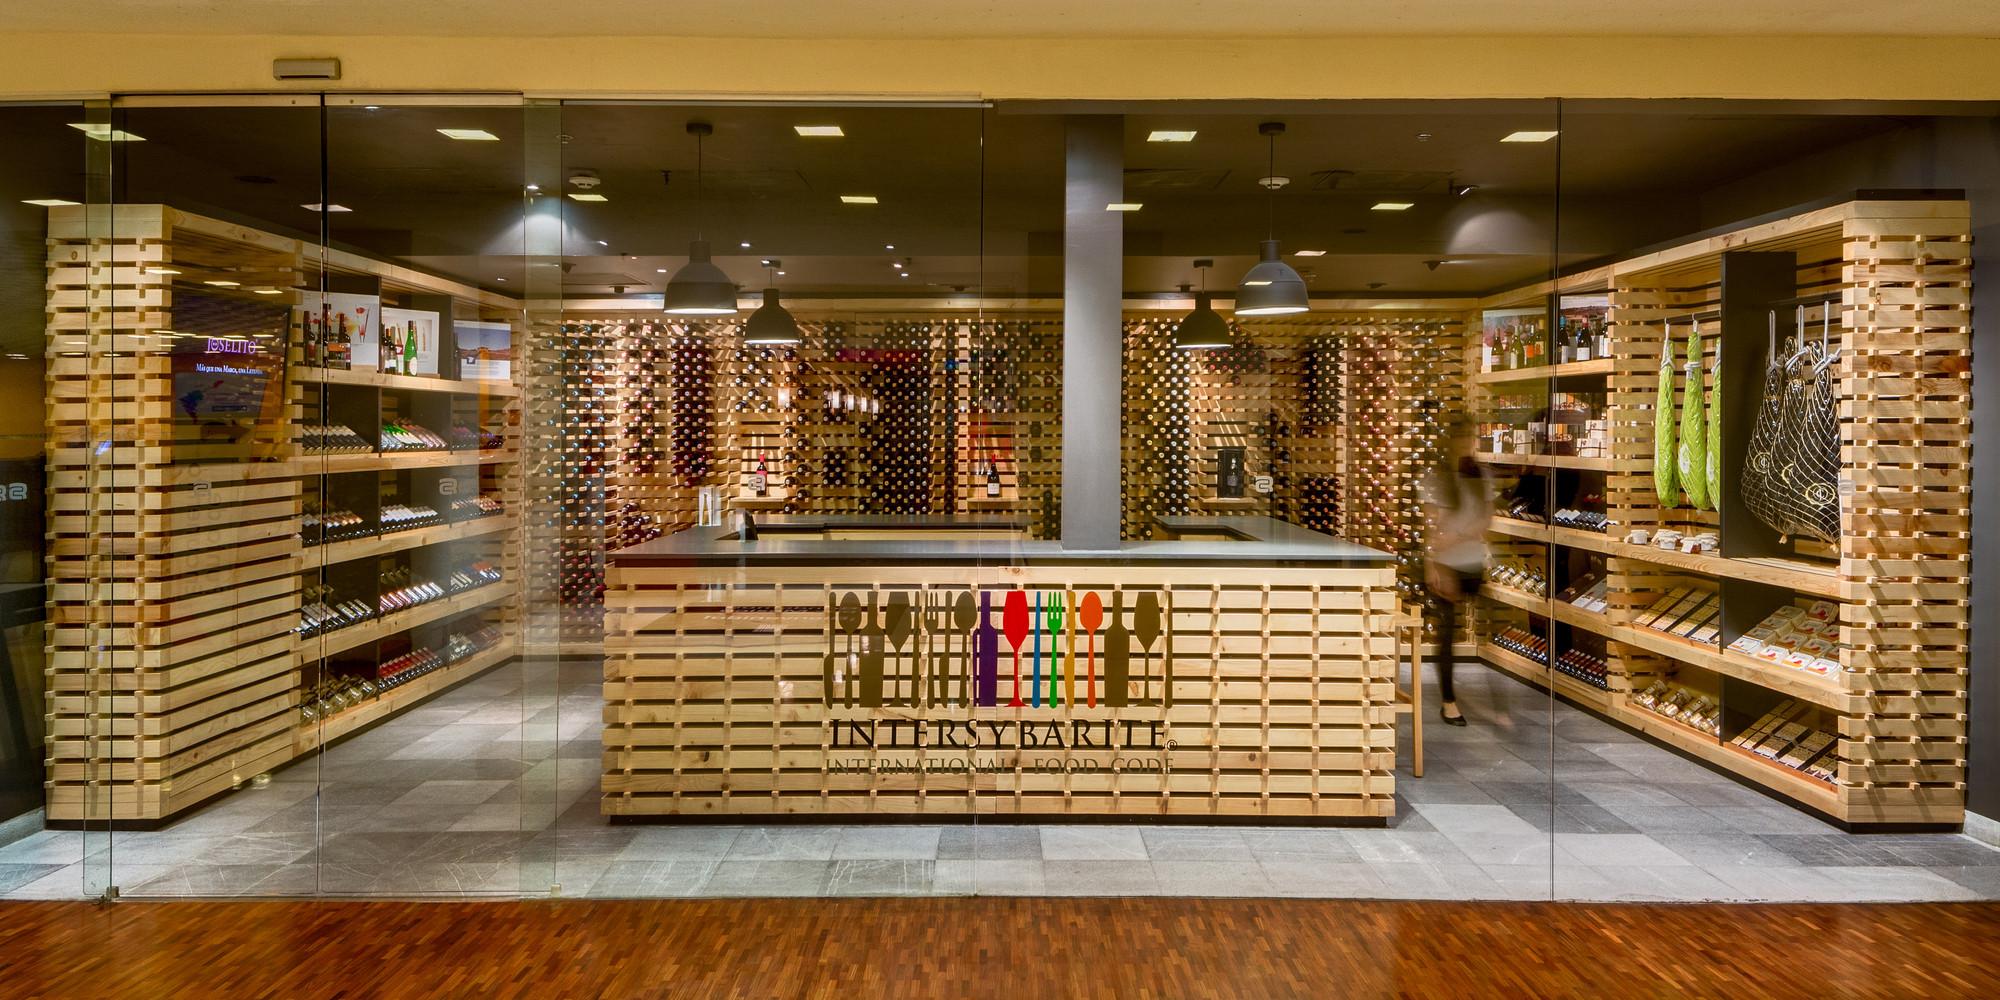 Intersybarite Gourmet Store Arquitectura Sist 233 Mica